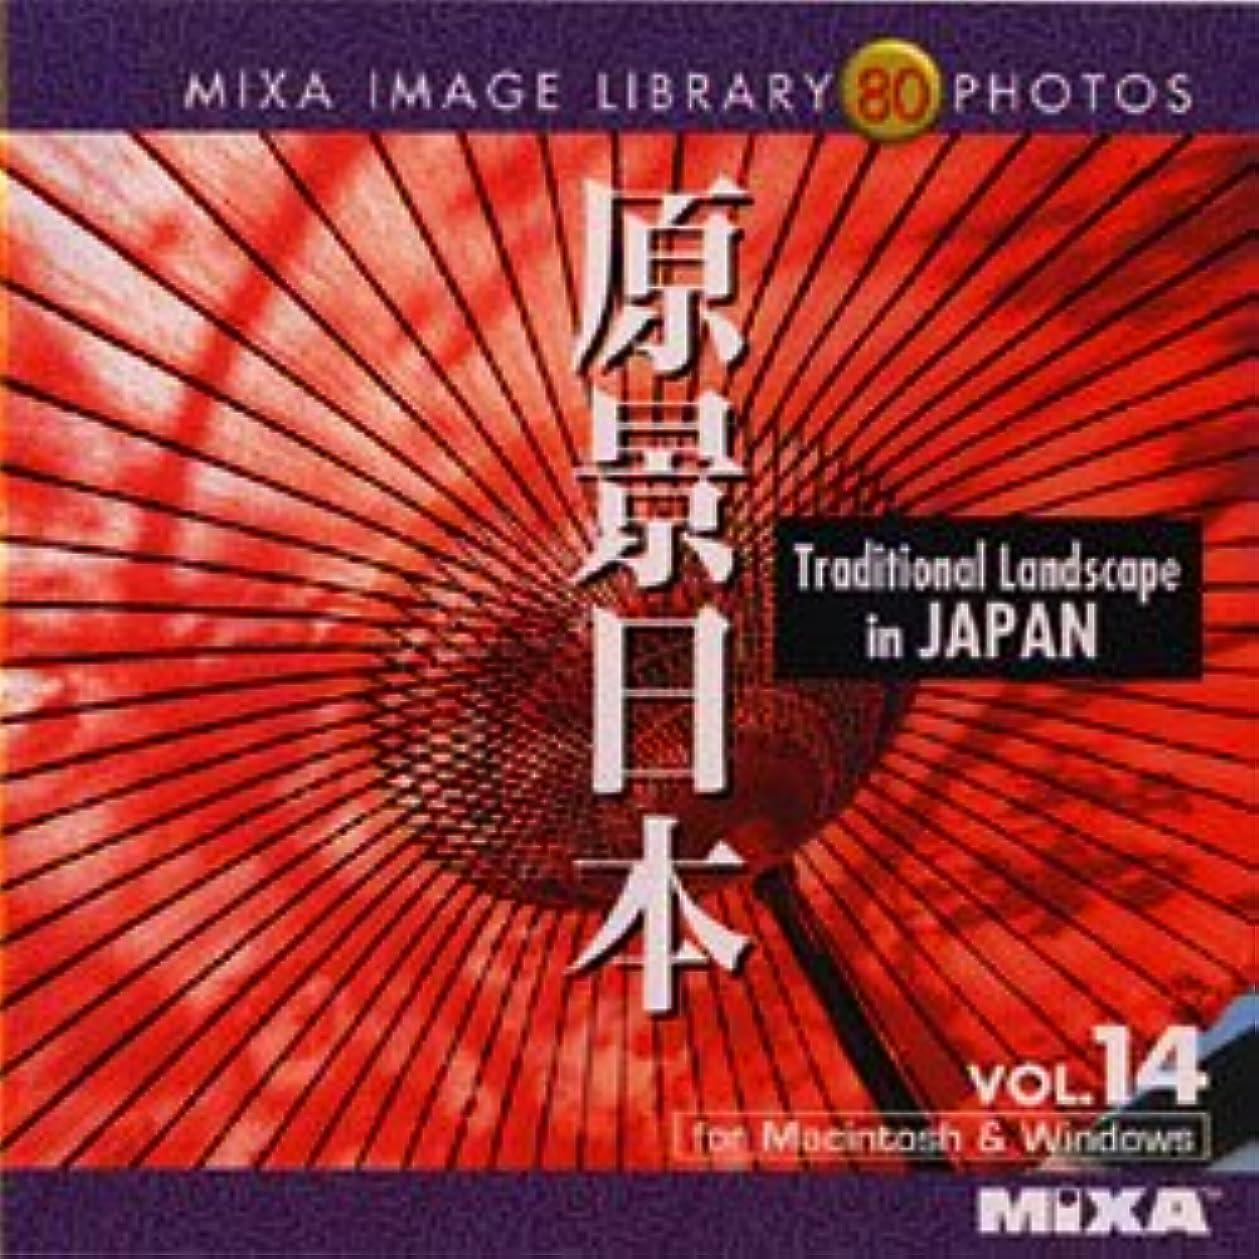 オーバードロー場合バーMIXA IMAGE LIBRARY Vol.14 原景日本